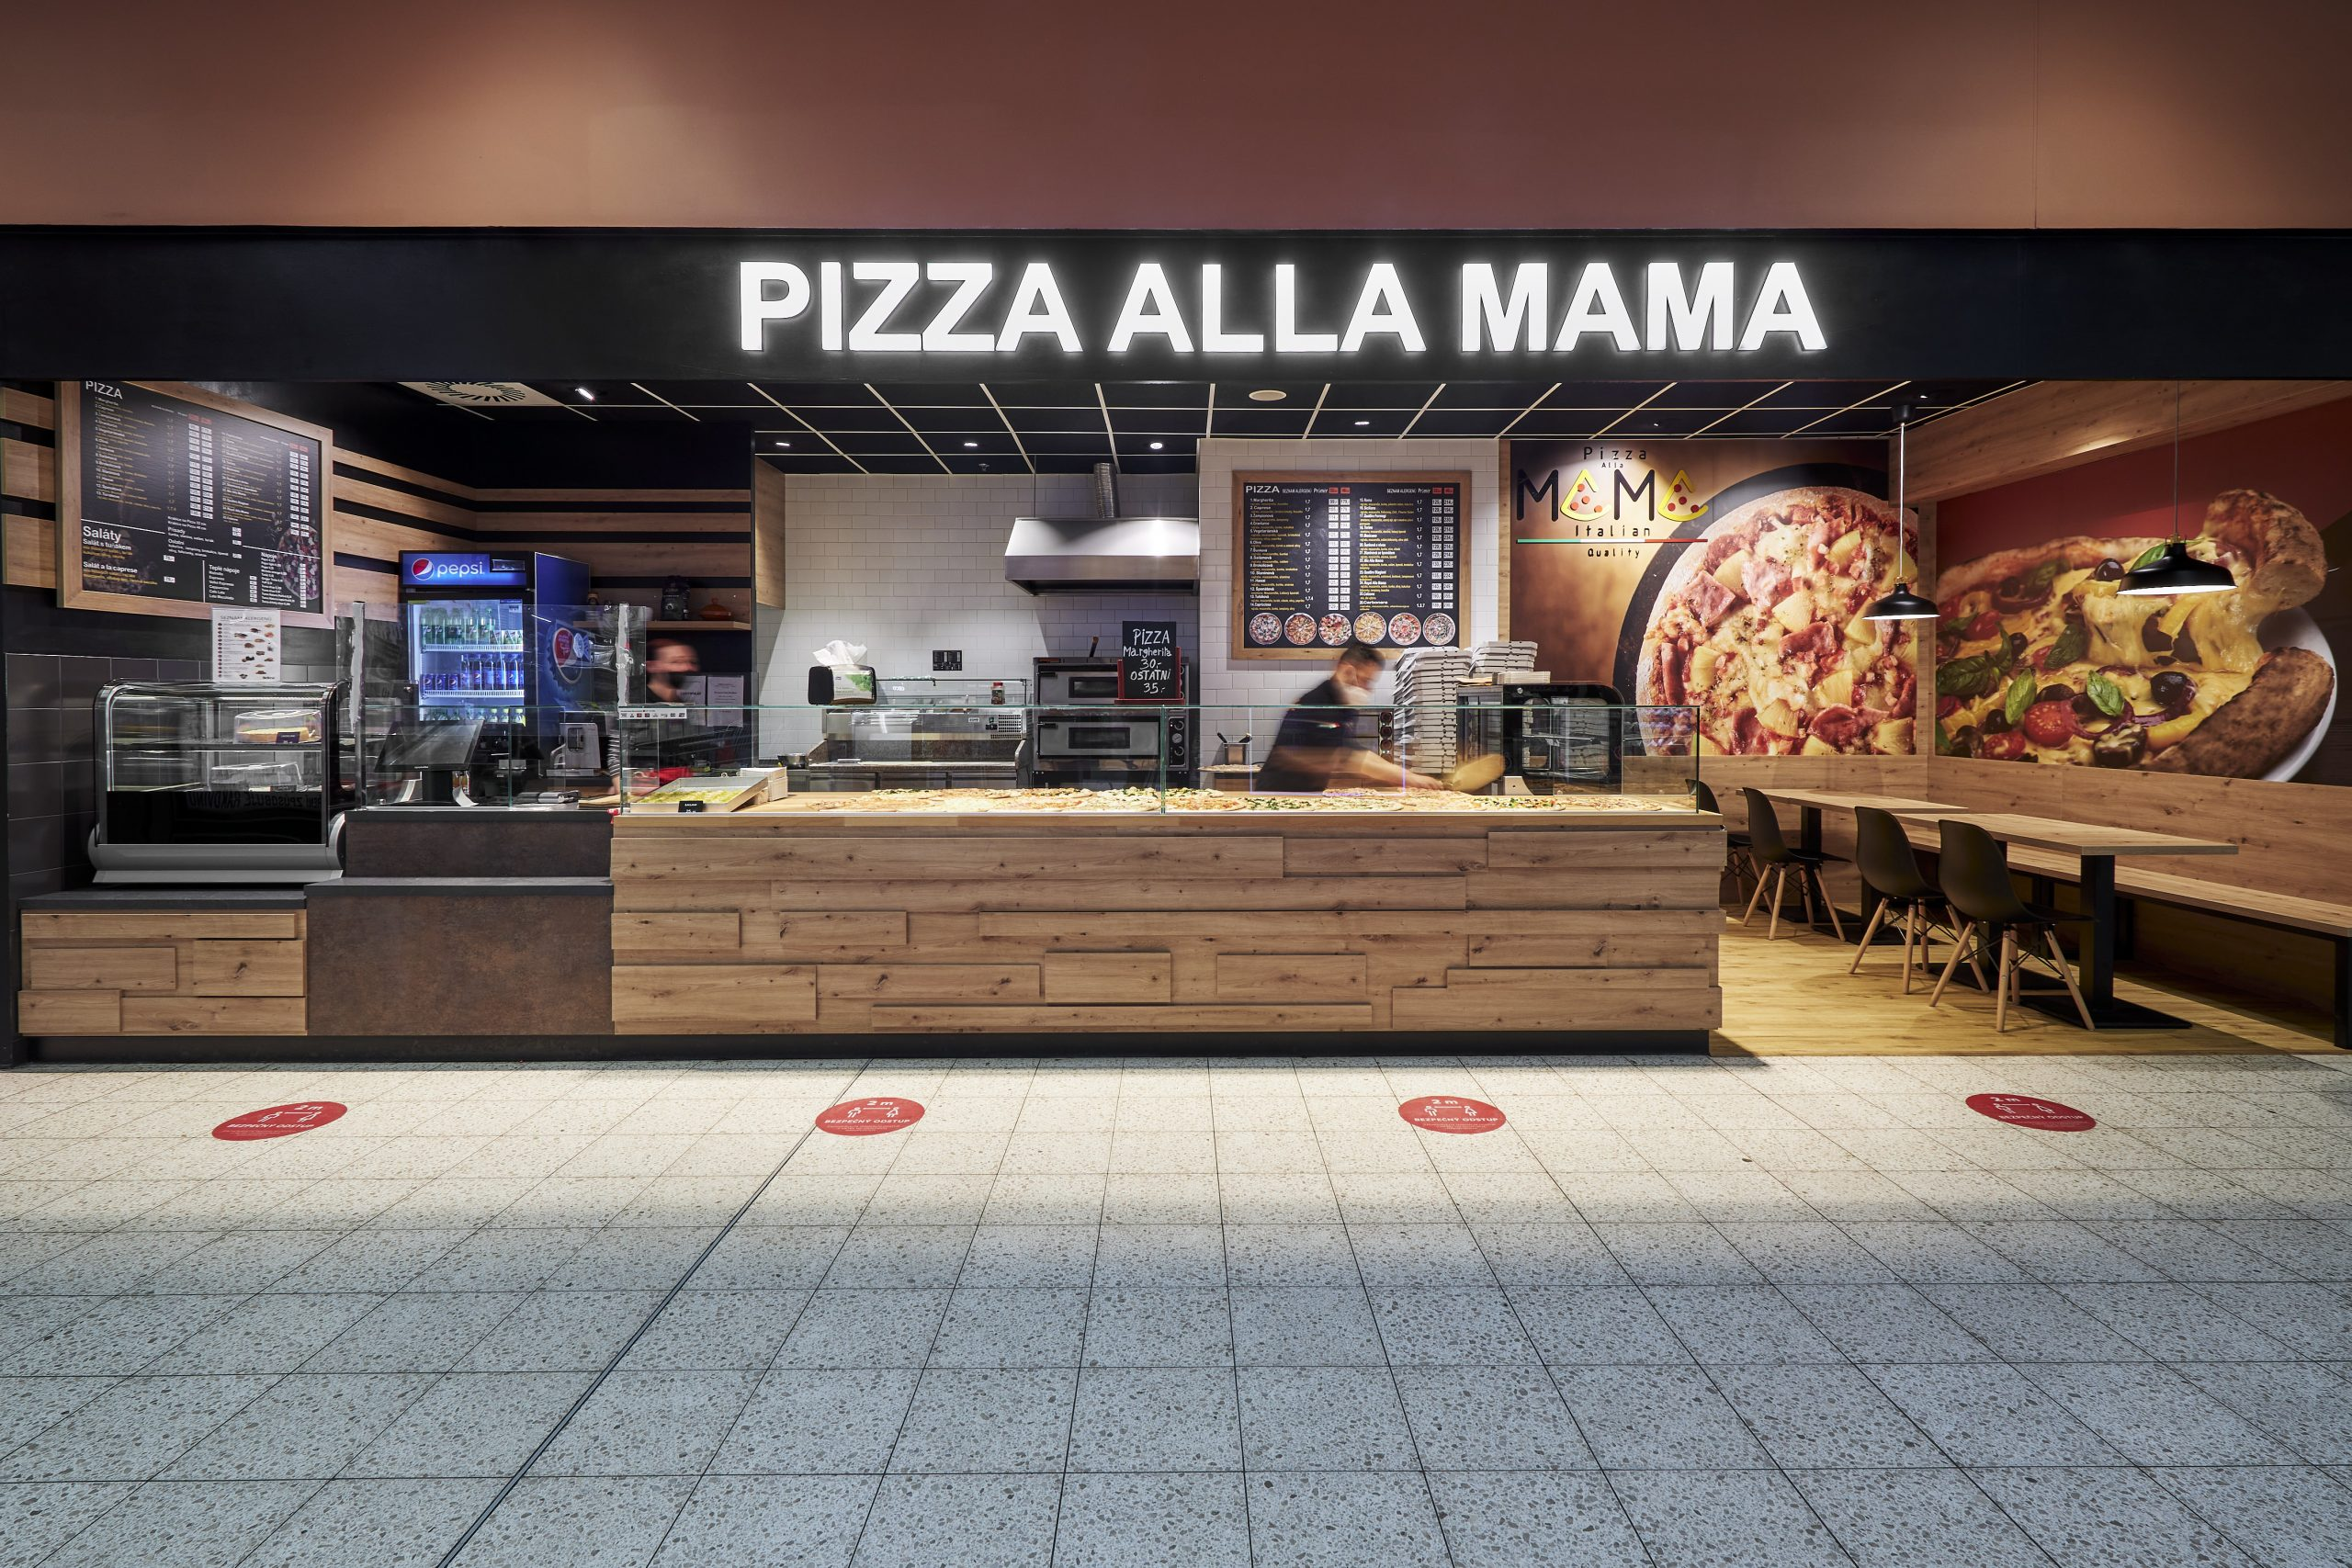 FESCHU Pizza Alla Mama OC Kaufland Melnik drevene oblozeni